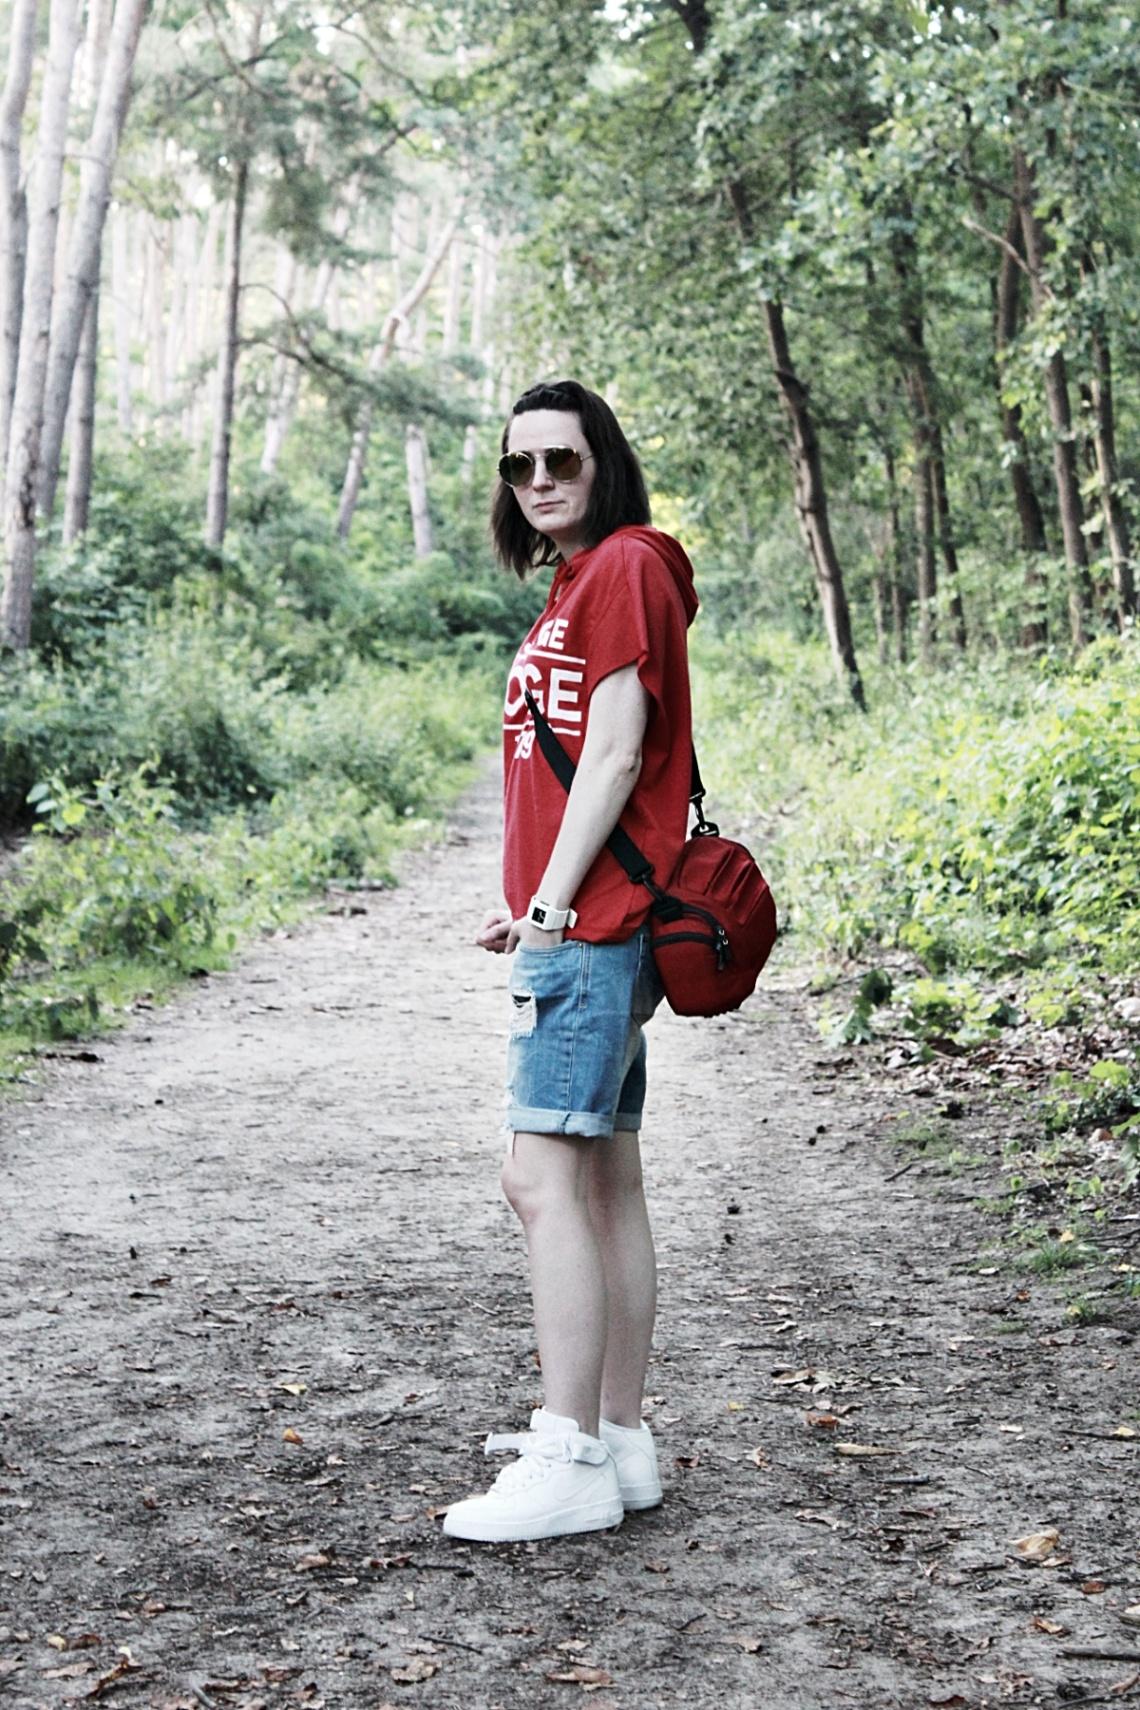 redshirt1